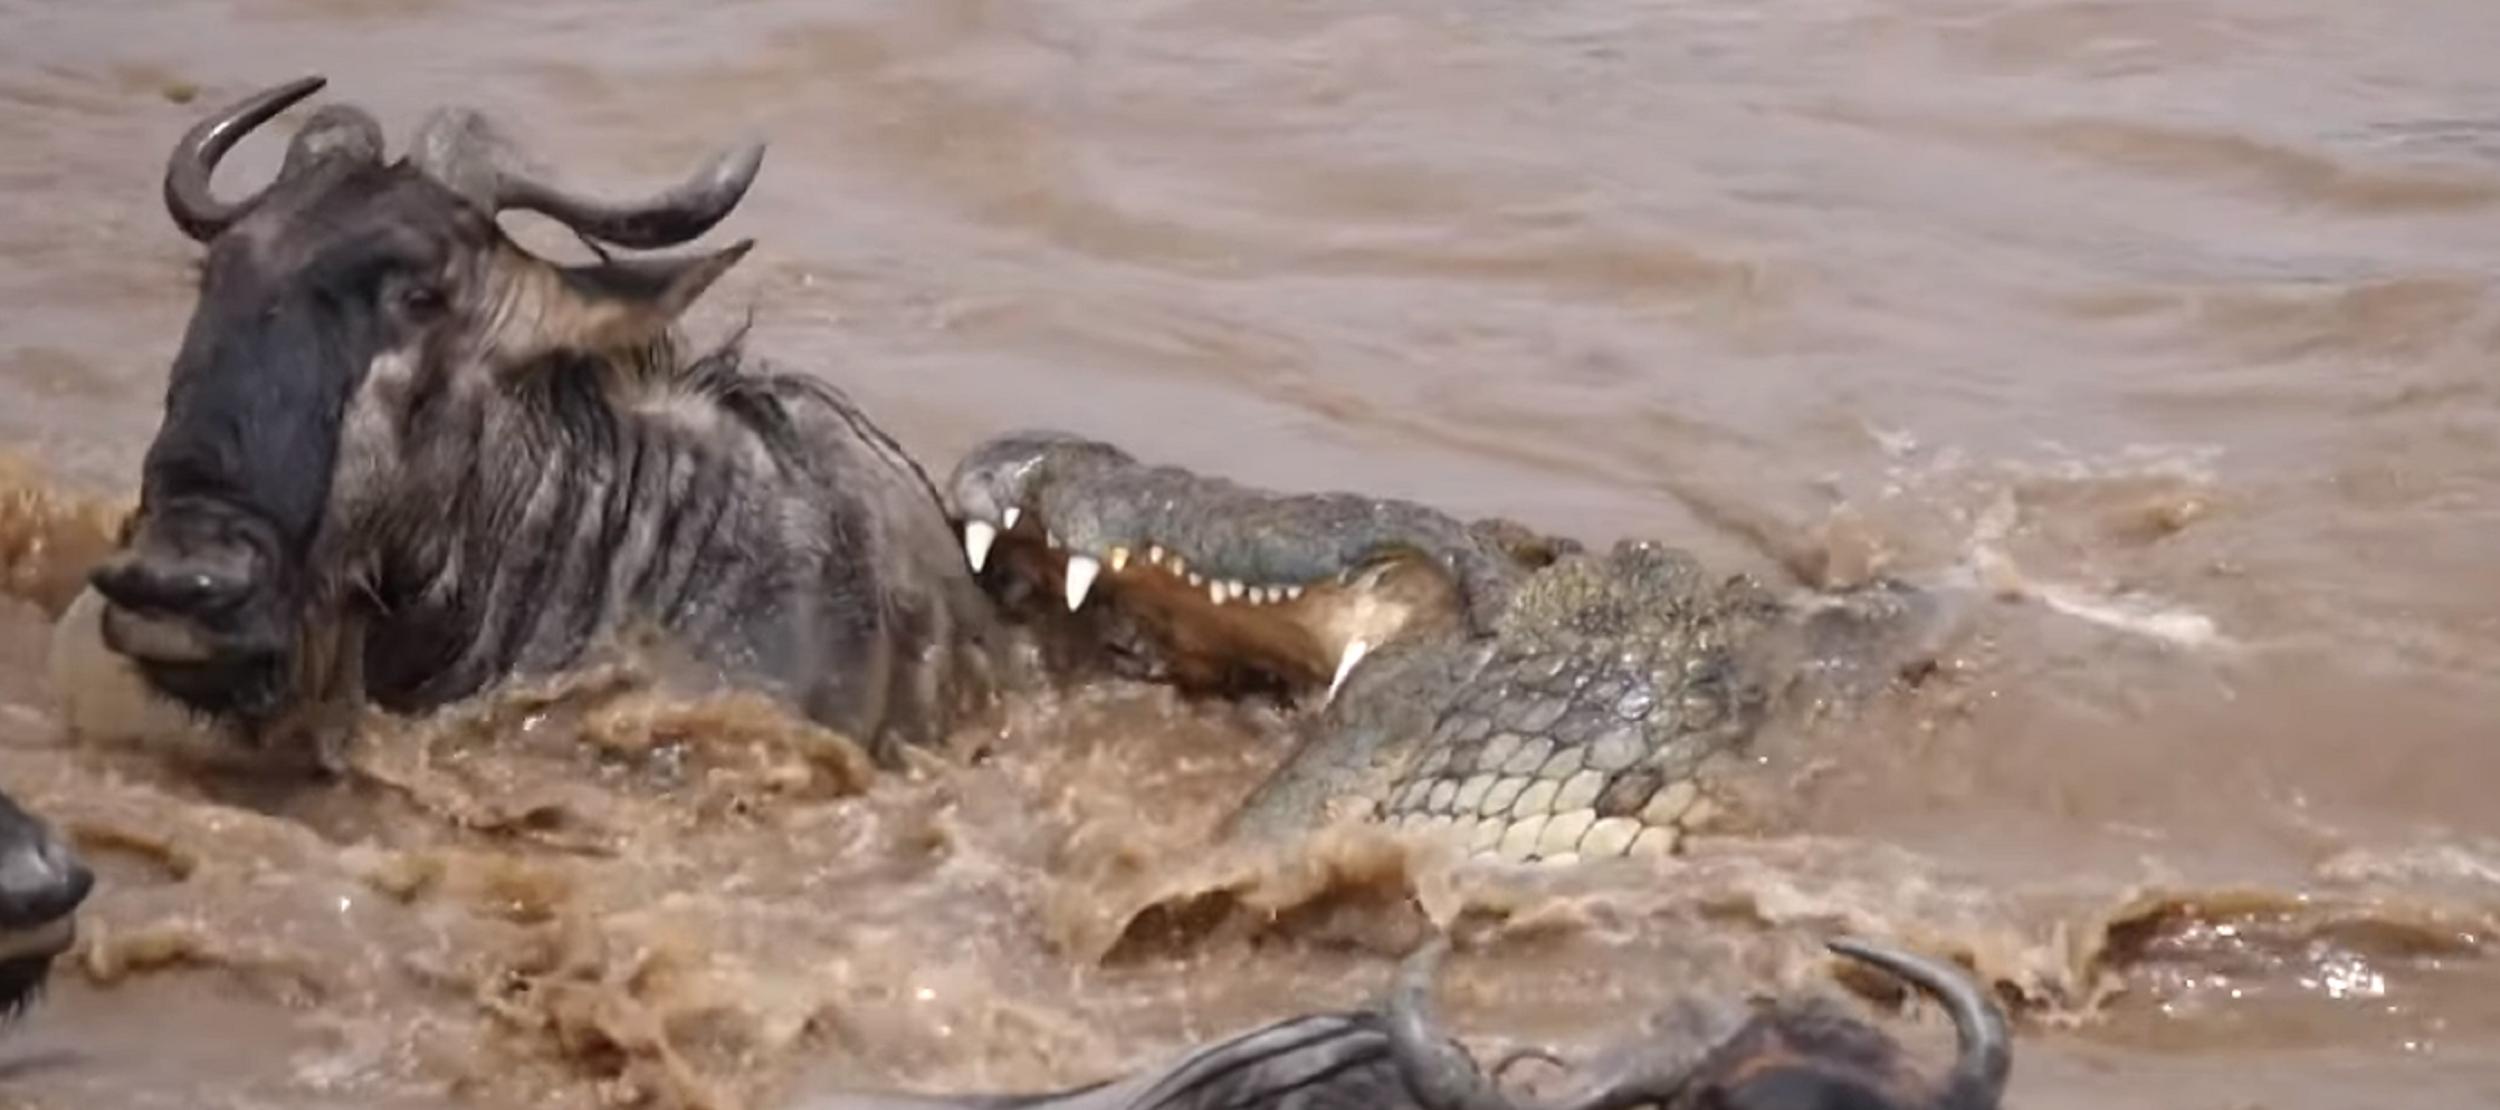 Así es cómo este ñu dejó con un amargo sabor de boca a un cocodrilo.